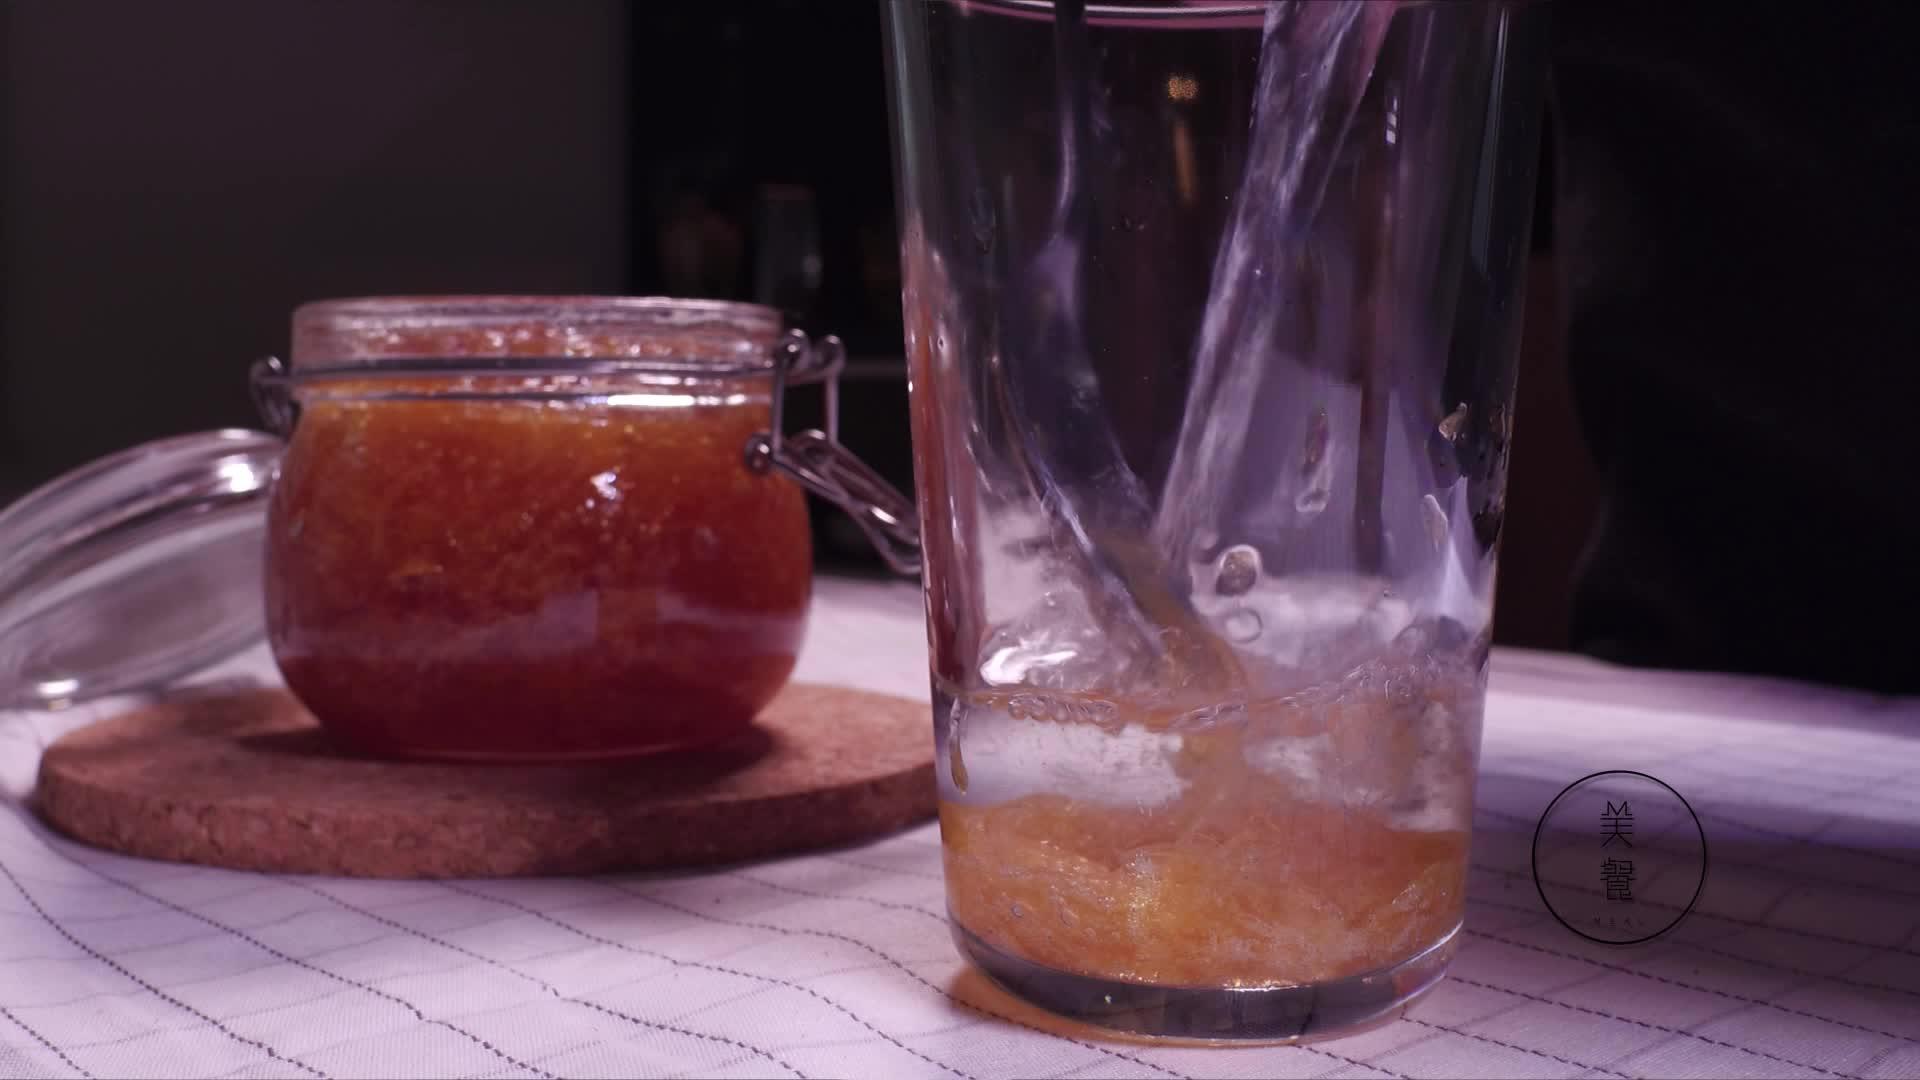 美餐:果酱和蜂蜜柚子茶